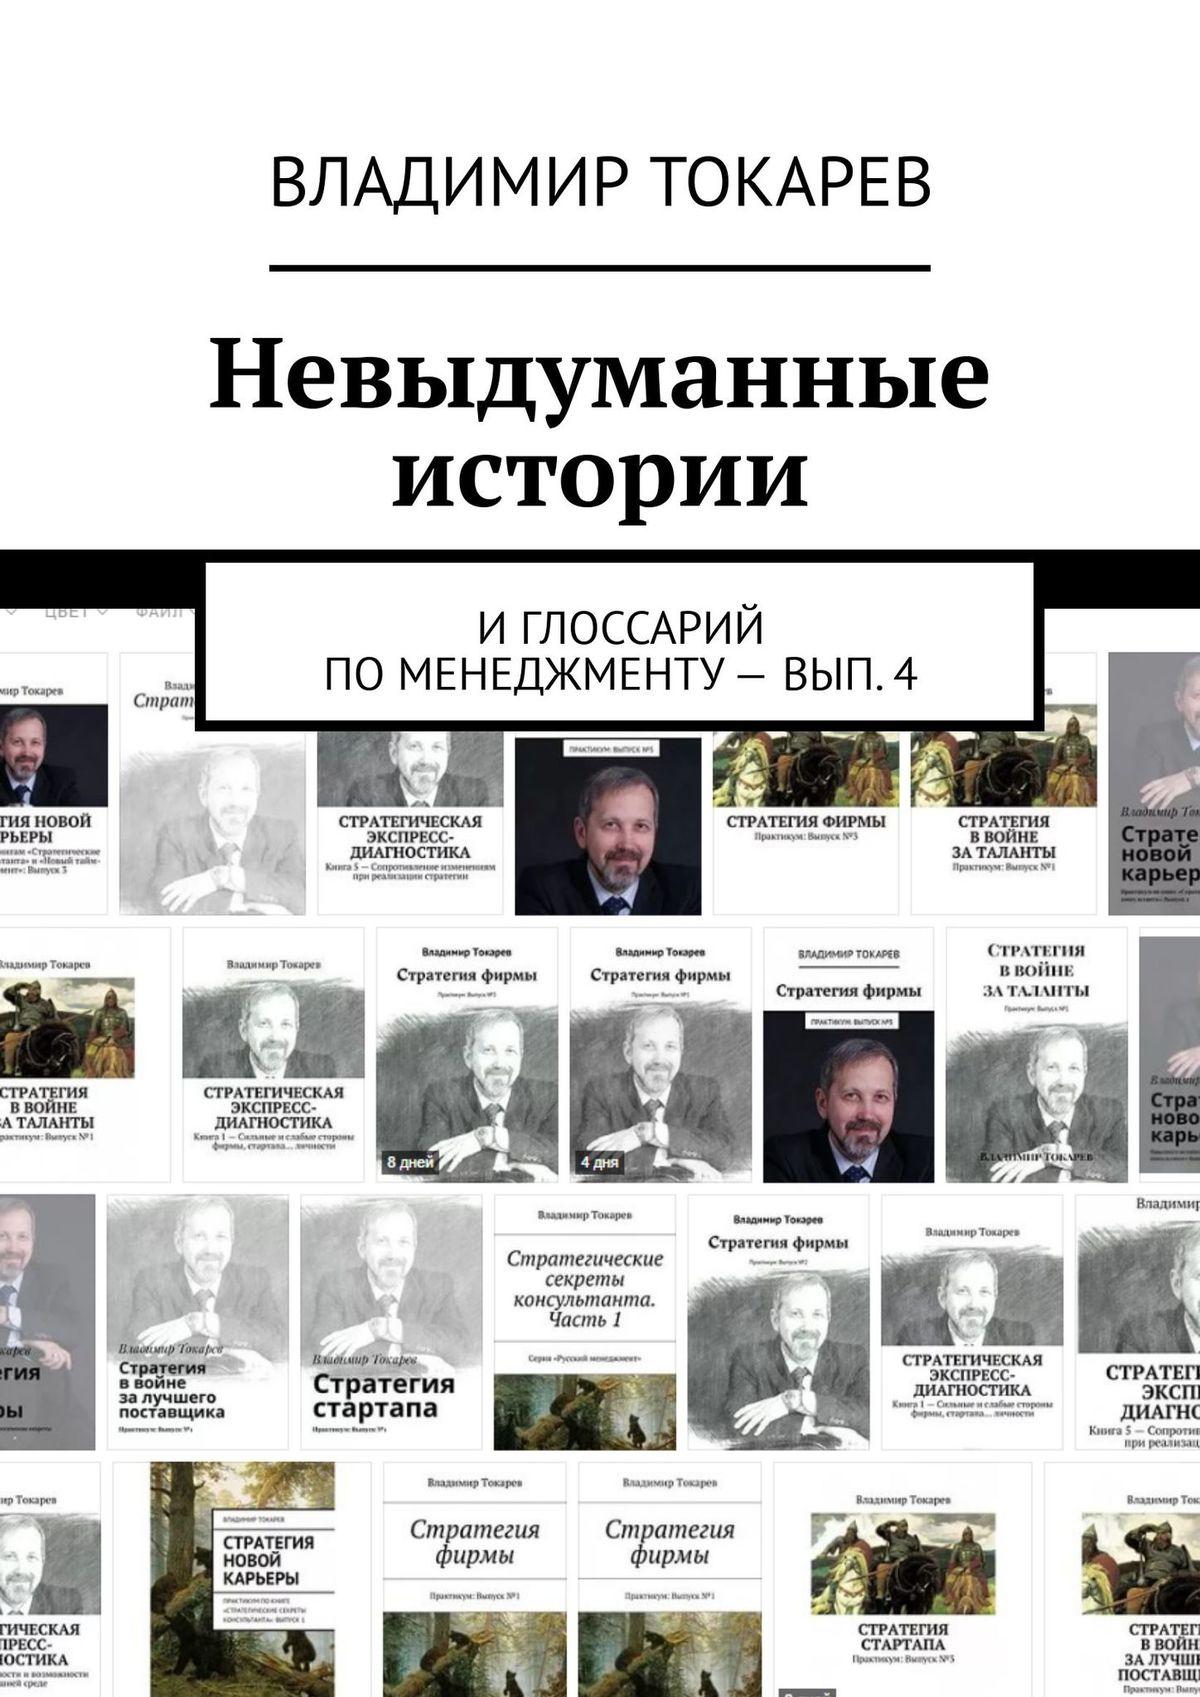 Владимир Токарев Невыдуманные истории. И глоссарий по менеджменту– вып.4